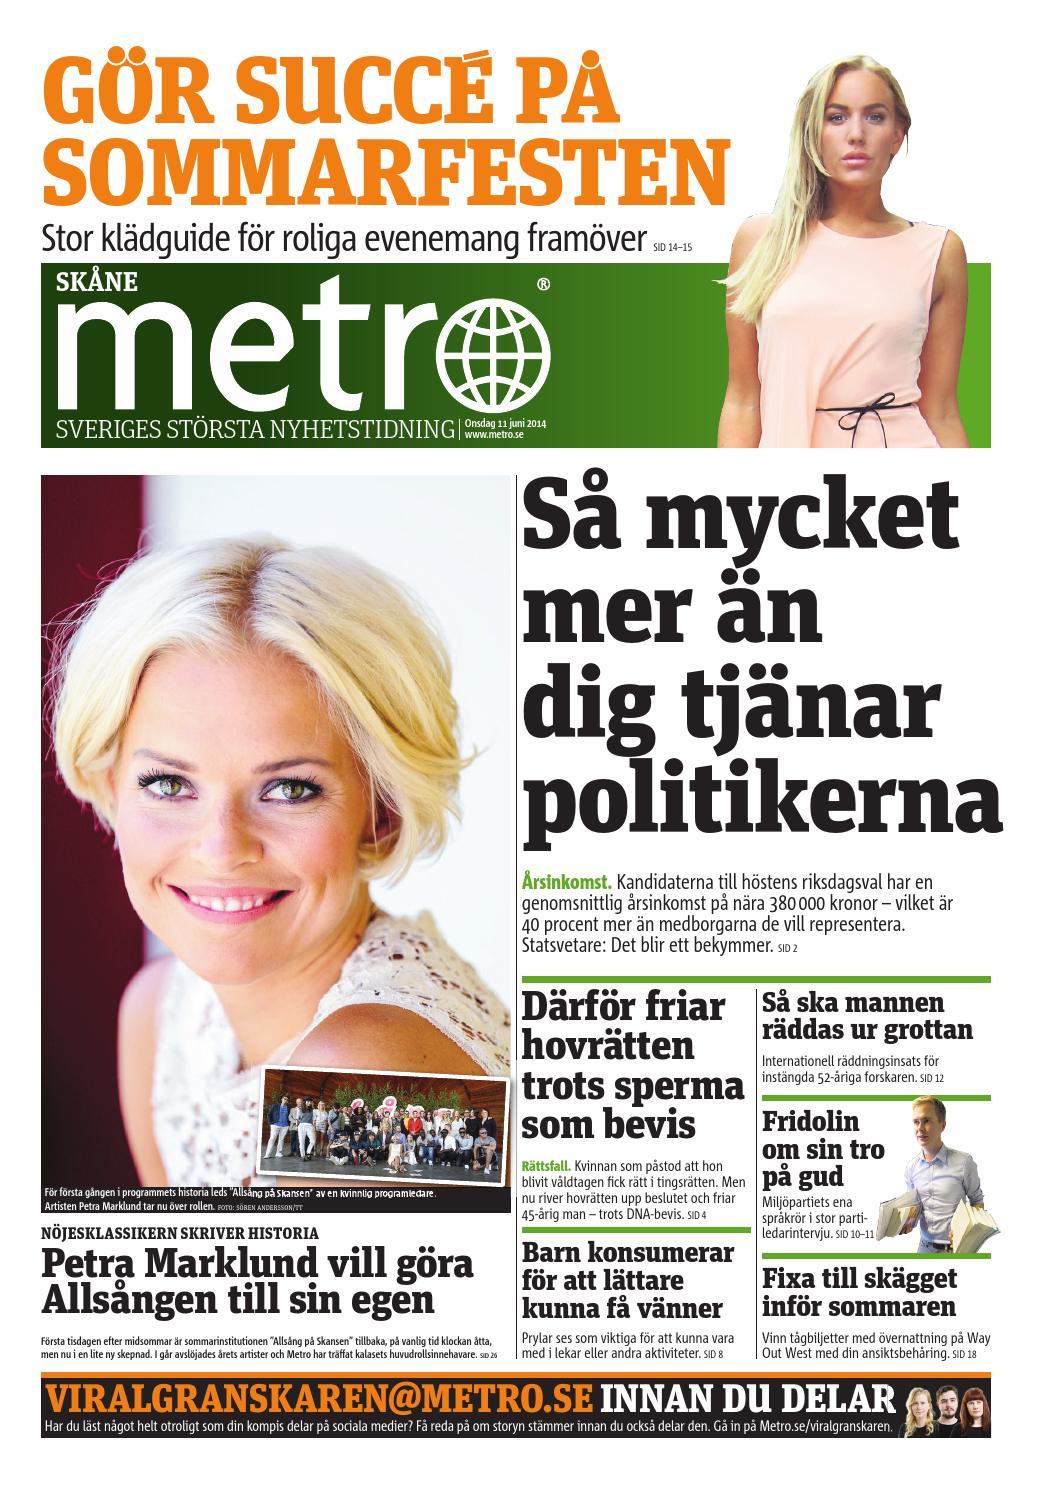 webbplats juridiska bordeller cum i munnen nära linköping